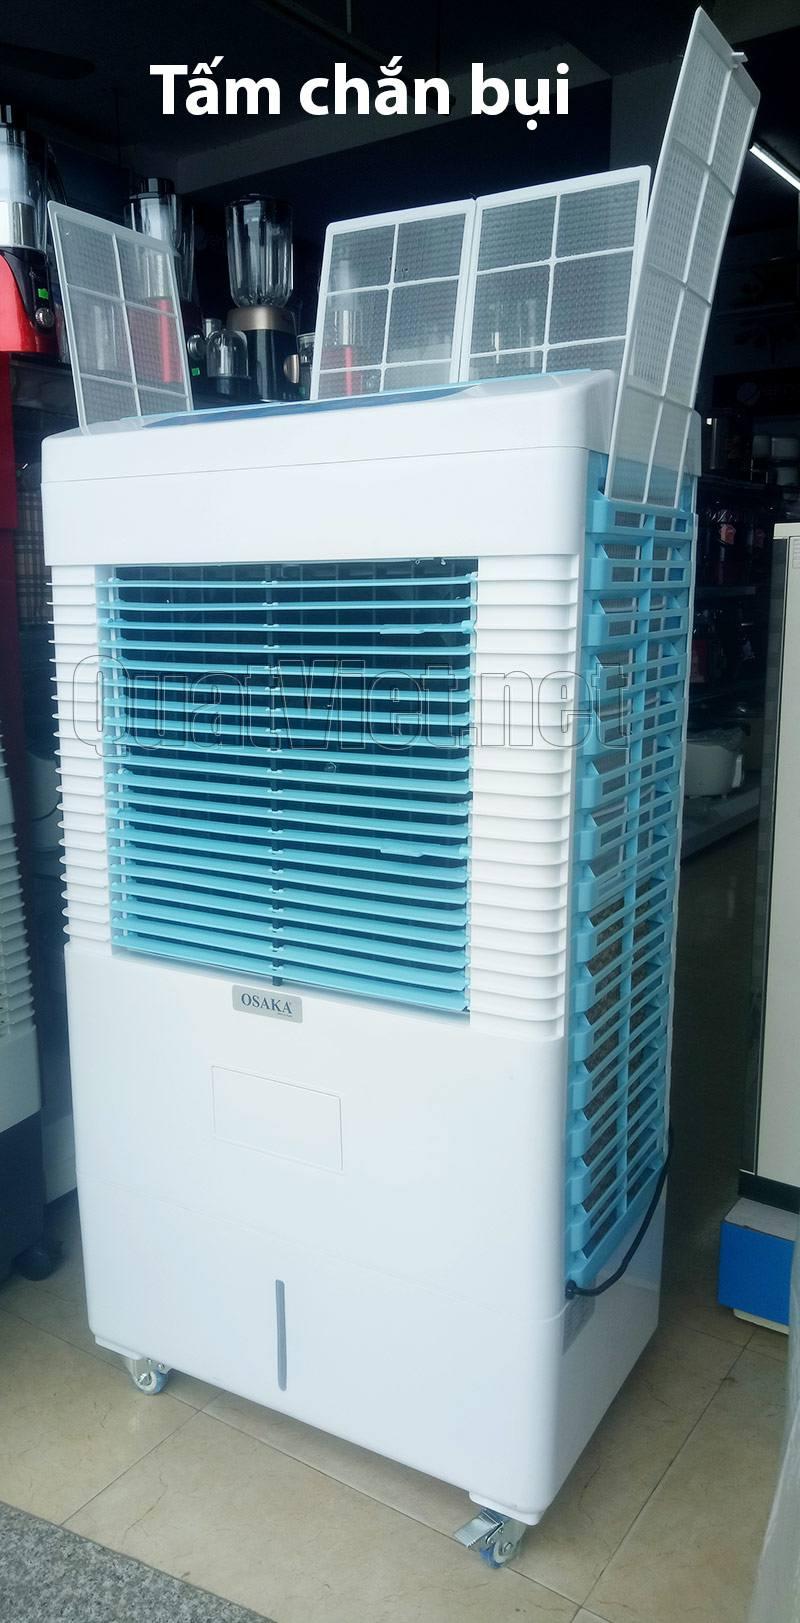 Tấm chắn bụi của máy làm mát không khí Osaka LL60